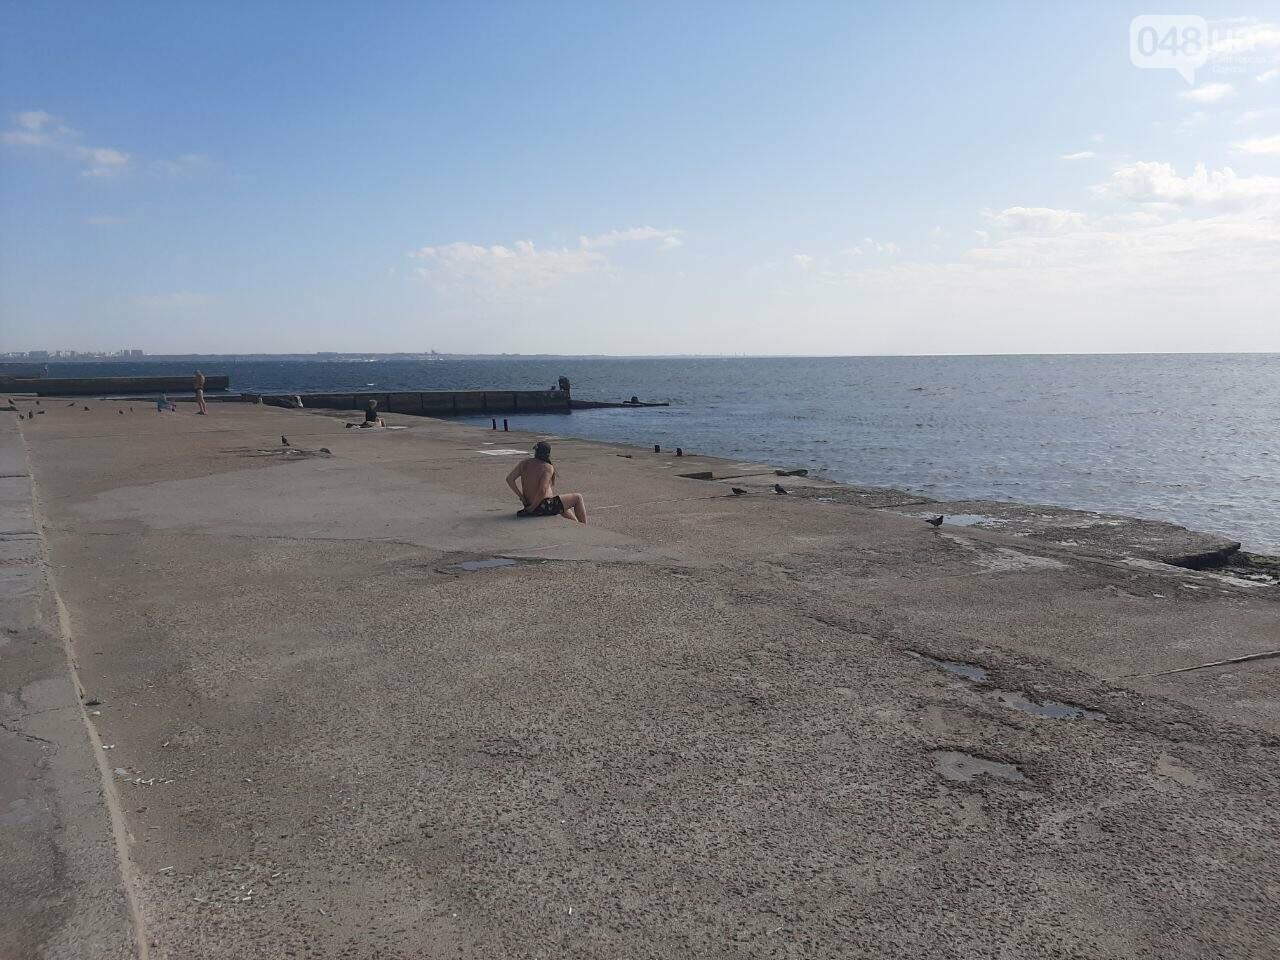 Как выглядит пляж Ланжерон в Одессе после ливня, - ФОТО, ВИДЕО, фото-17